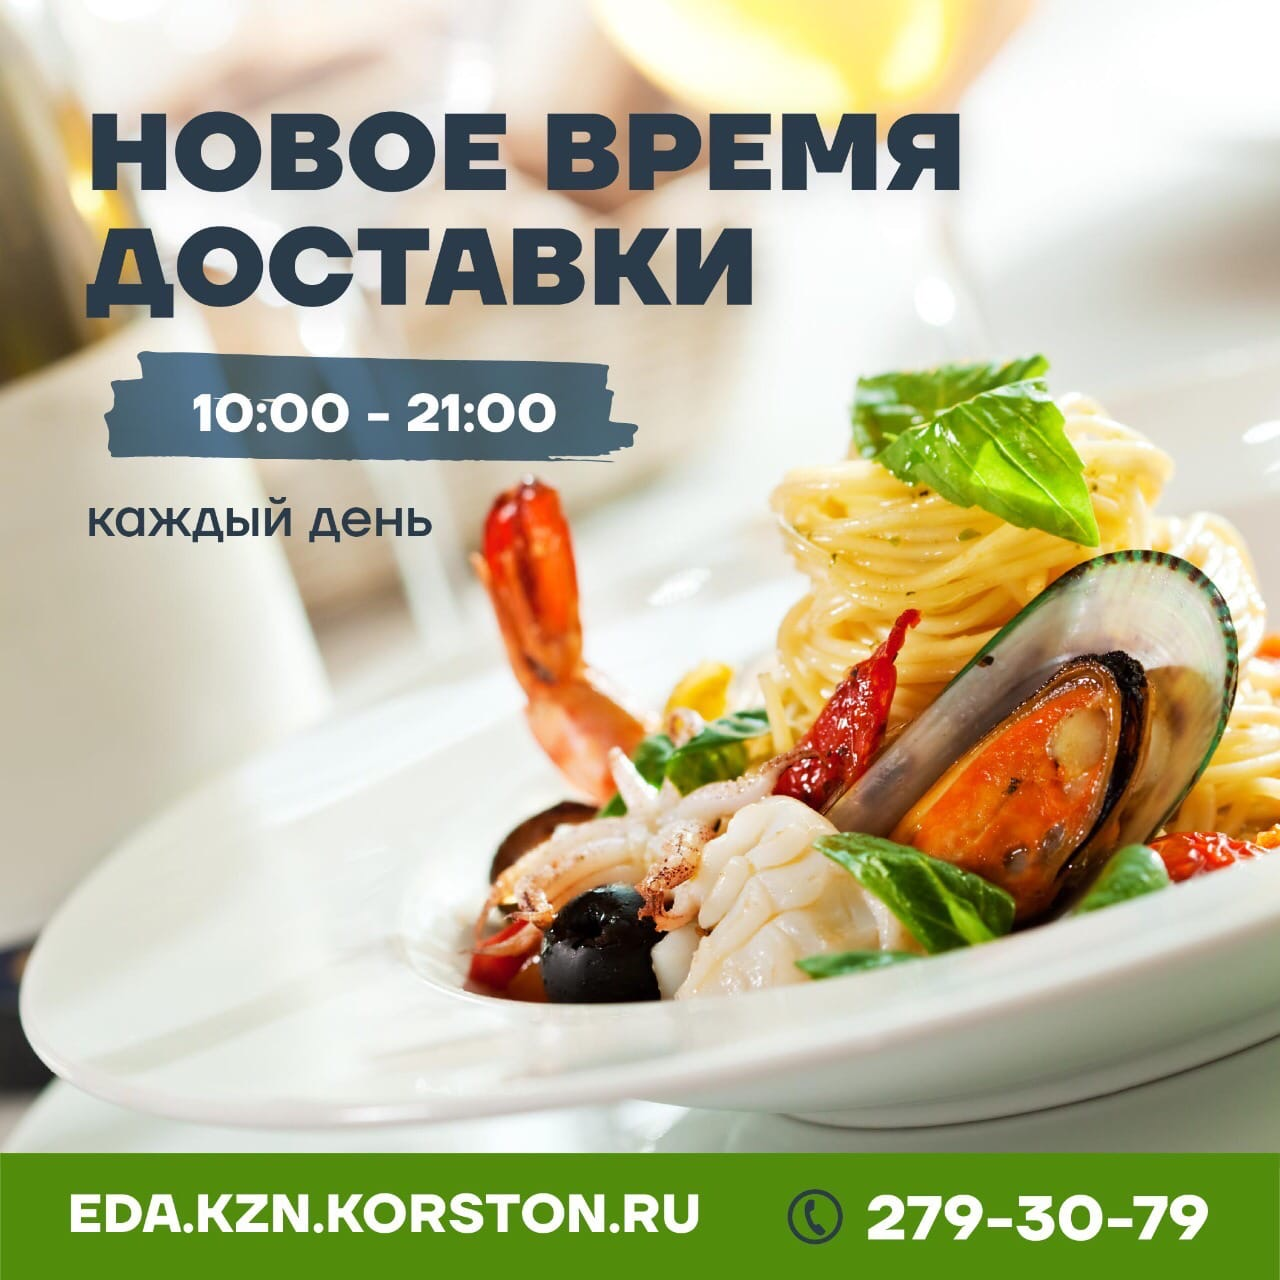 Кафе, кофейня, кондитерская «Венское» - Вконтакте